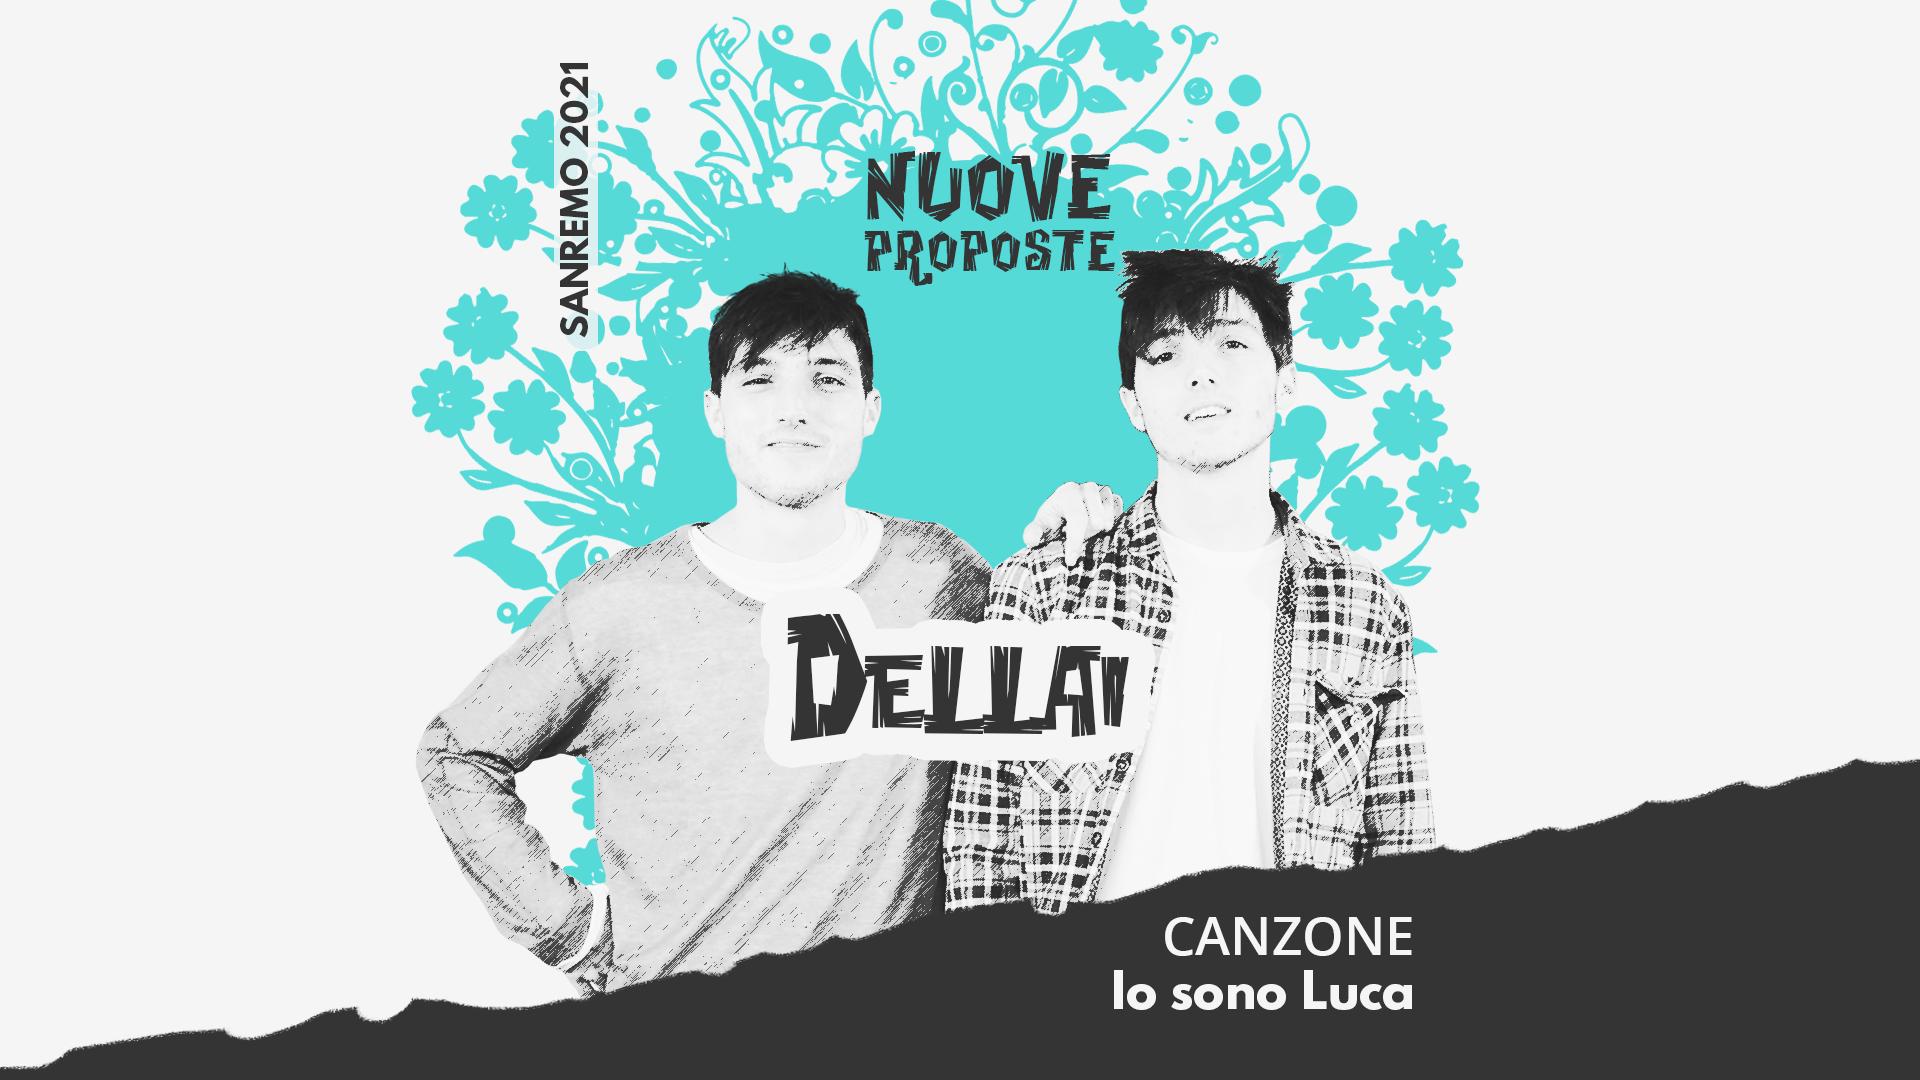 Sanremo 2021, Nuove proposte: Dellai – Io sono Luca